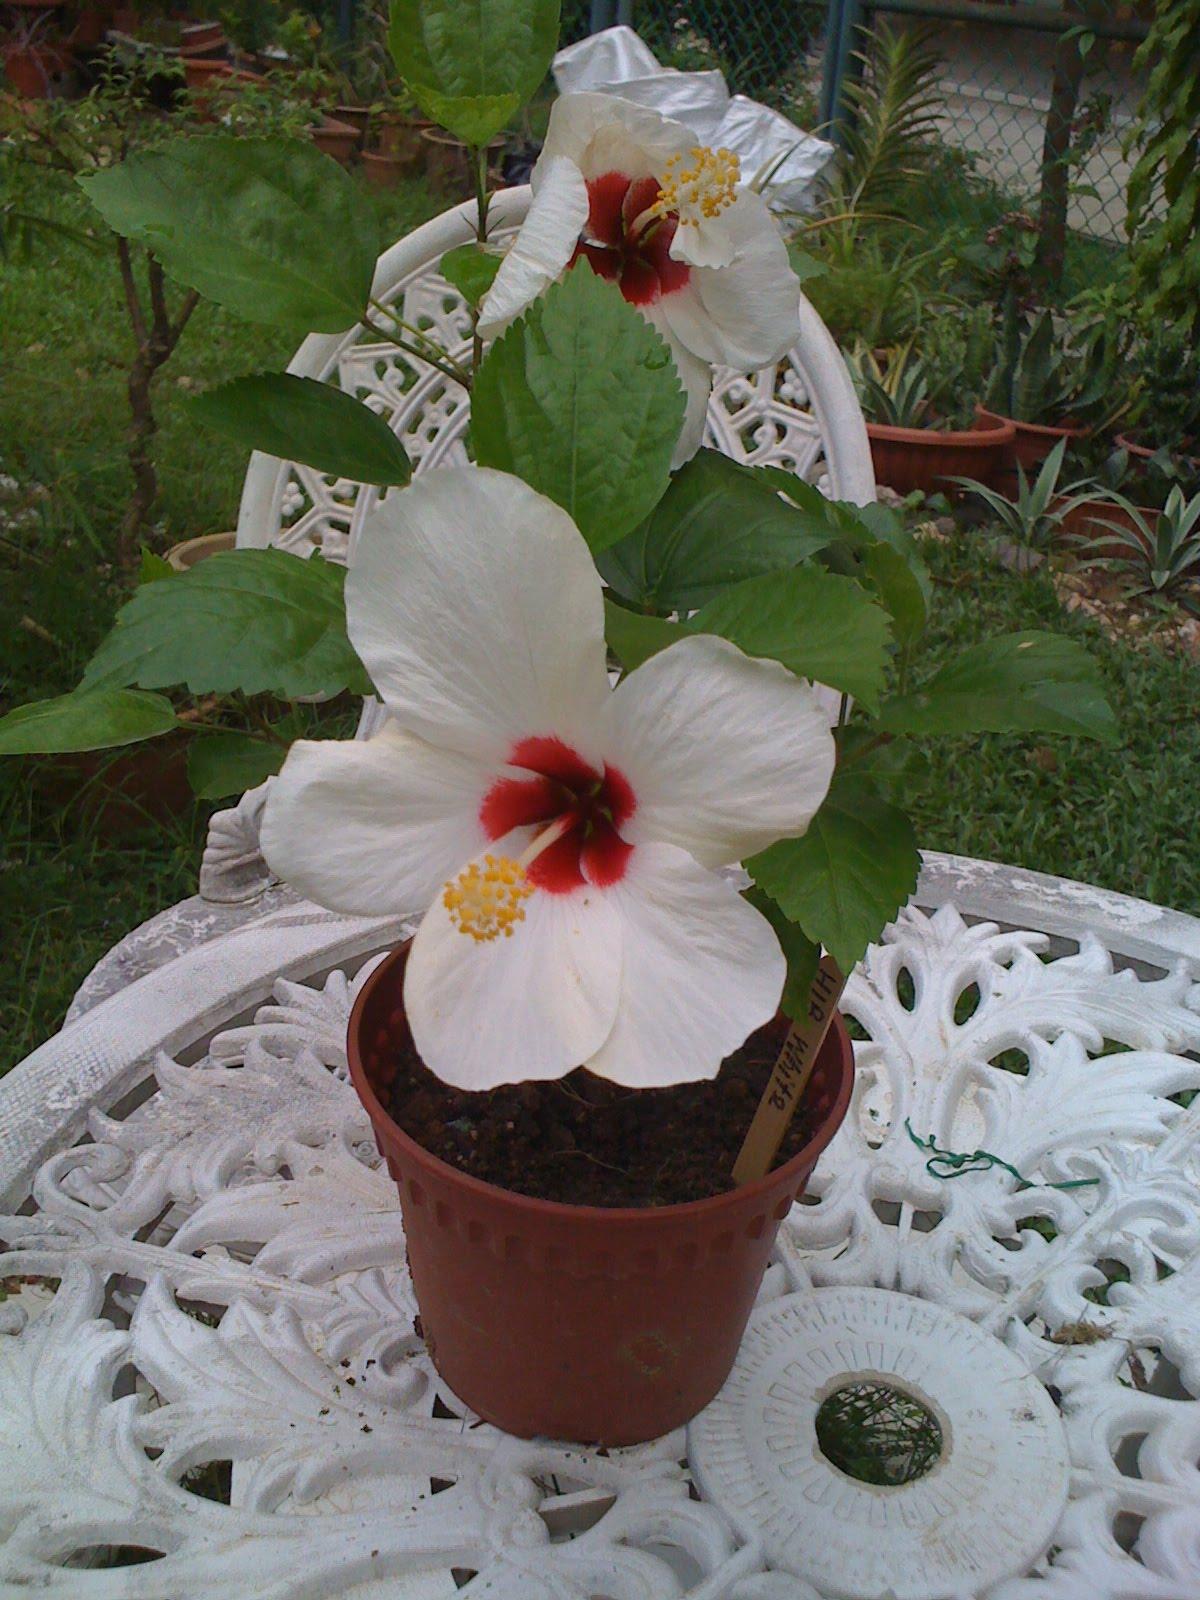 Gardening Dream Inspire: White Hibiscus Flowers (Updating)